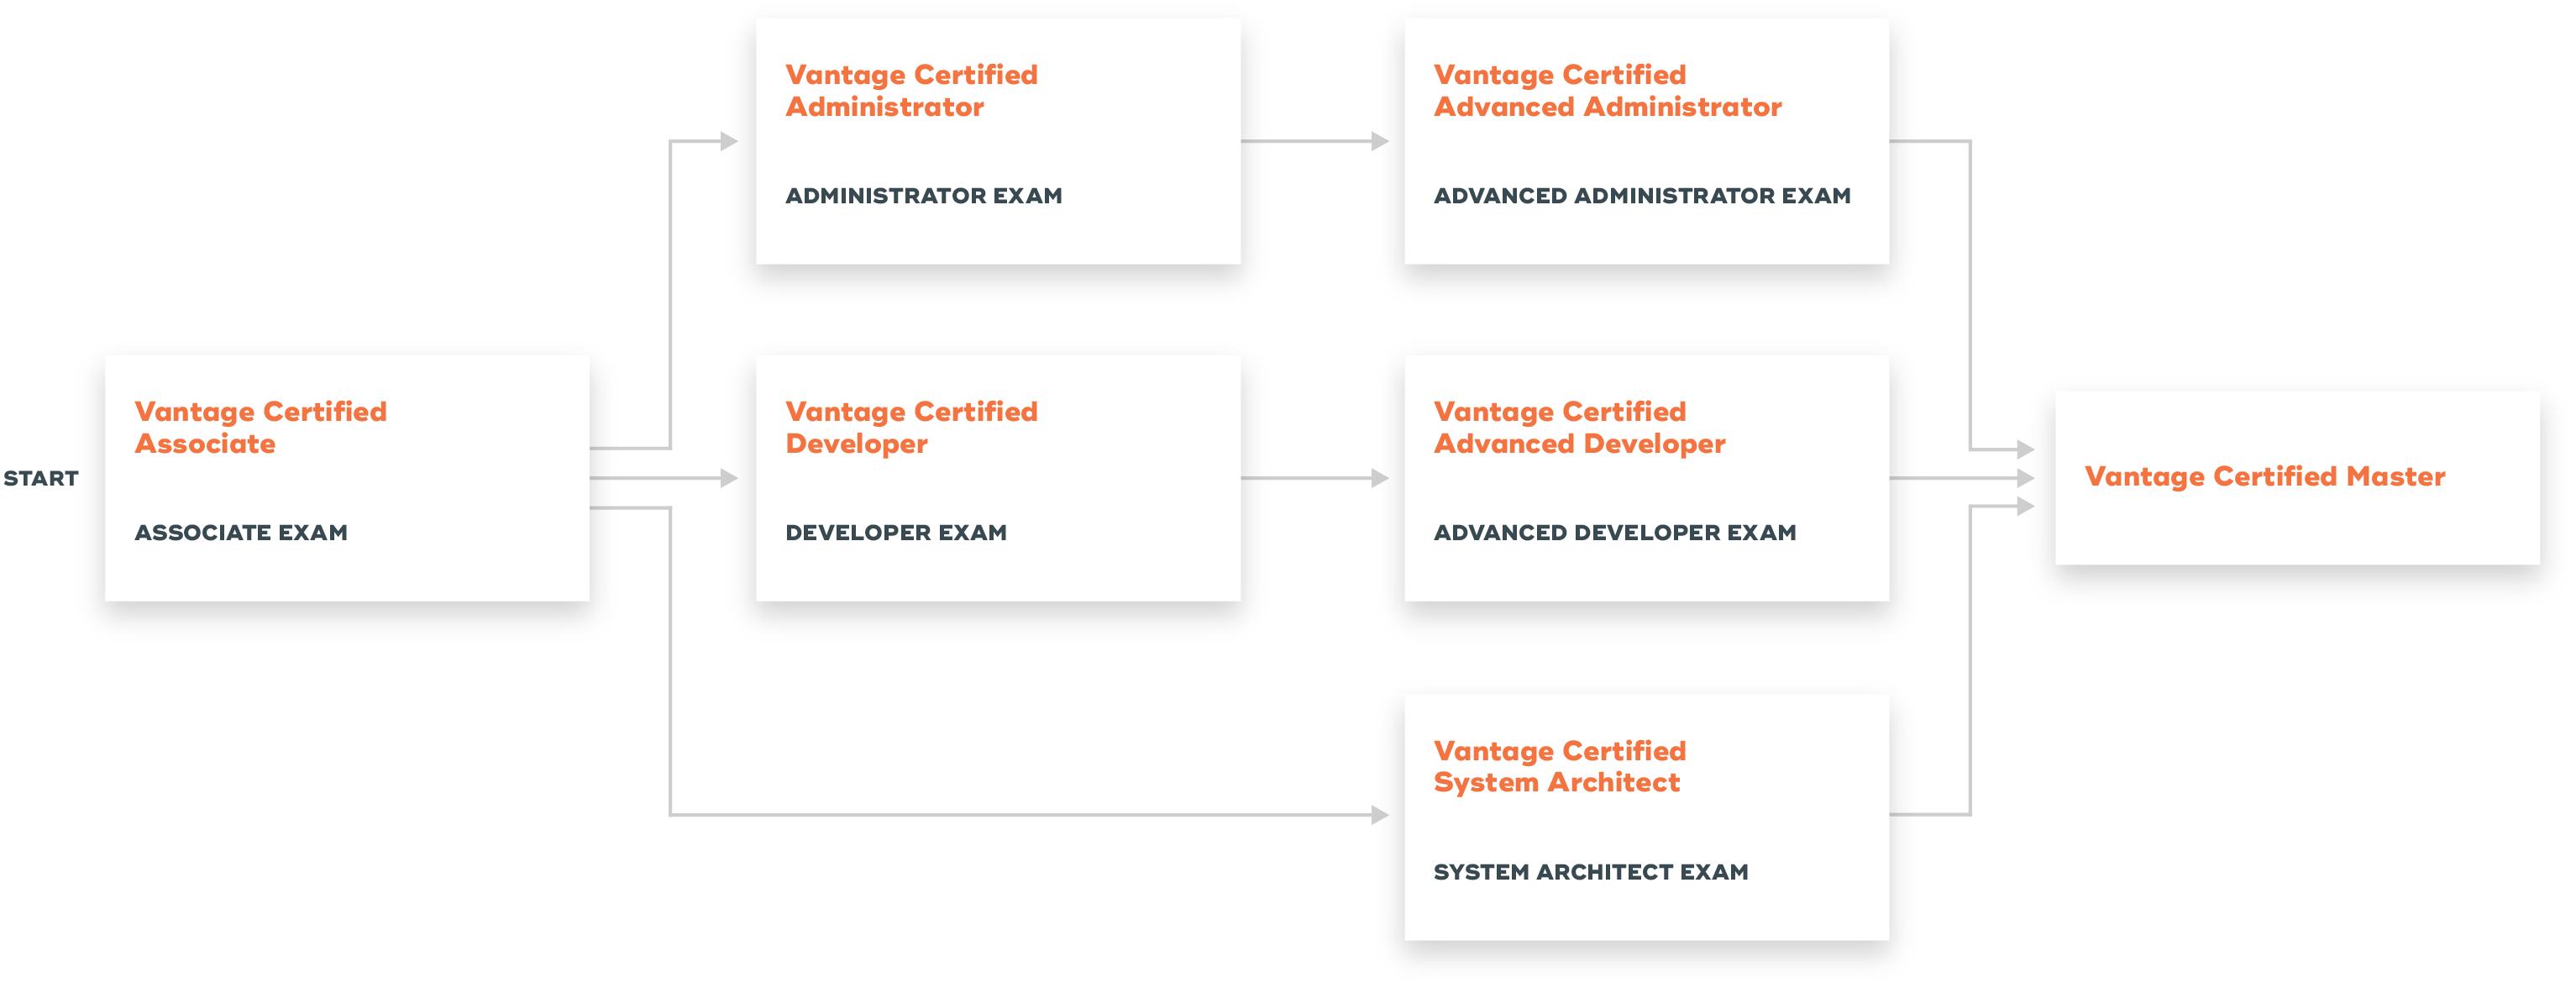 Teradata Certification Options: Option 1: Associate Exam - Administrator Exam - Advanced Administrator exam - Vantage Certified Master Option 2: Associate Exam - Developer Exam - Advanced Developer Exam - Vantage Certified Master Option 3: Associate Exam - System Architect Exam - Vantage Certified Master